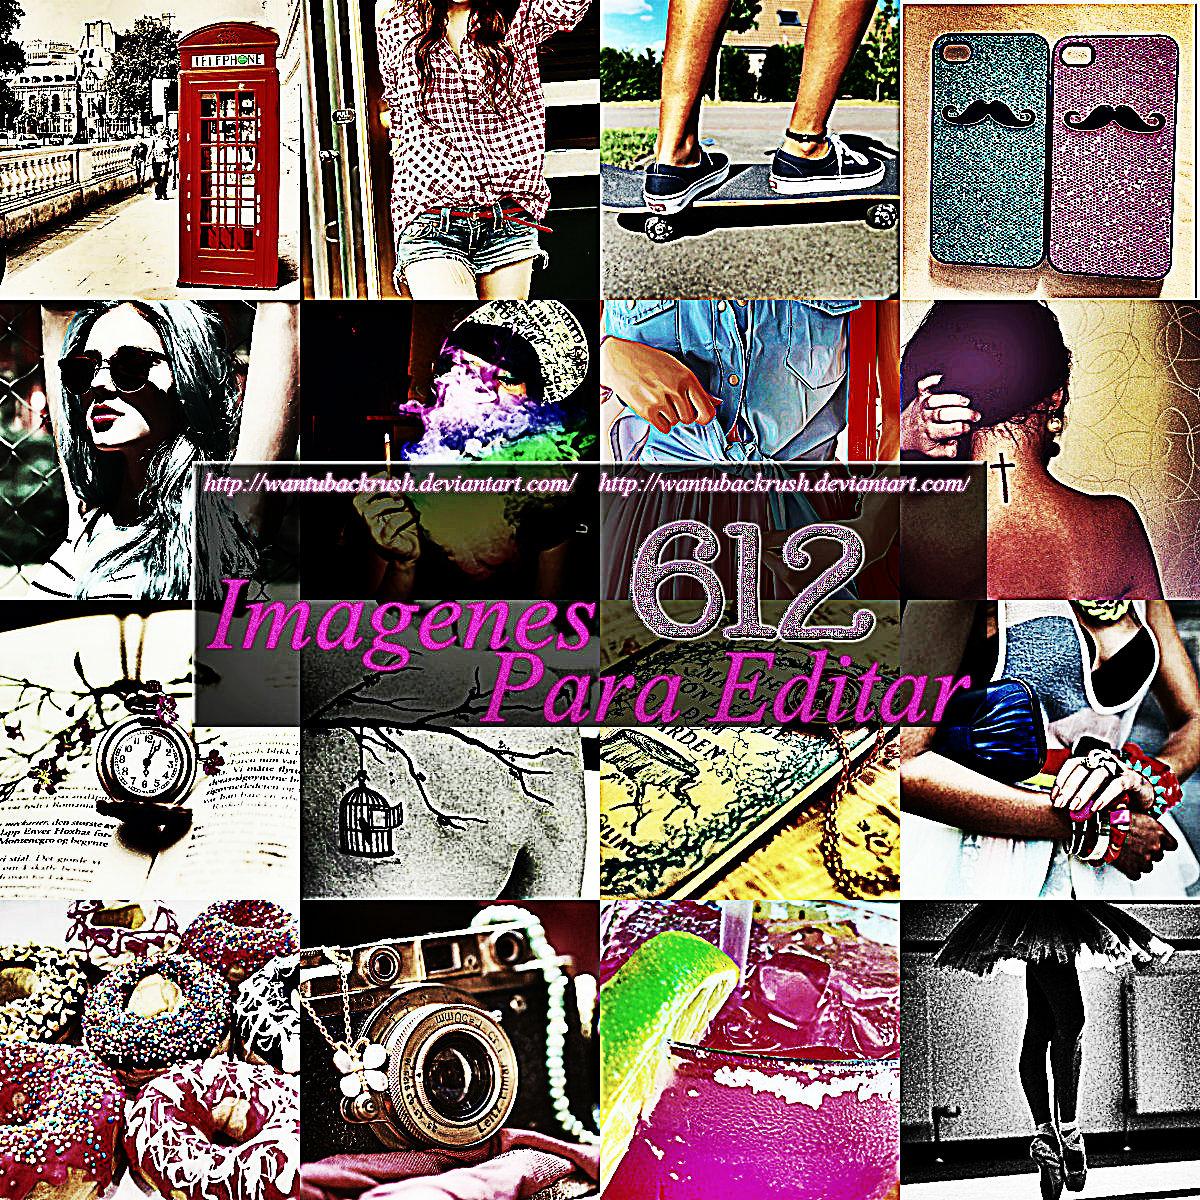 +Megapack Fotos Para Editar o Para Novelas. by WantUBackRush